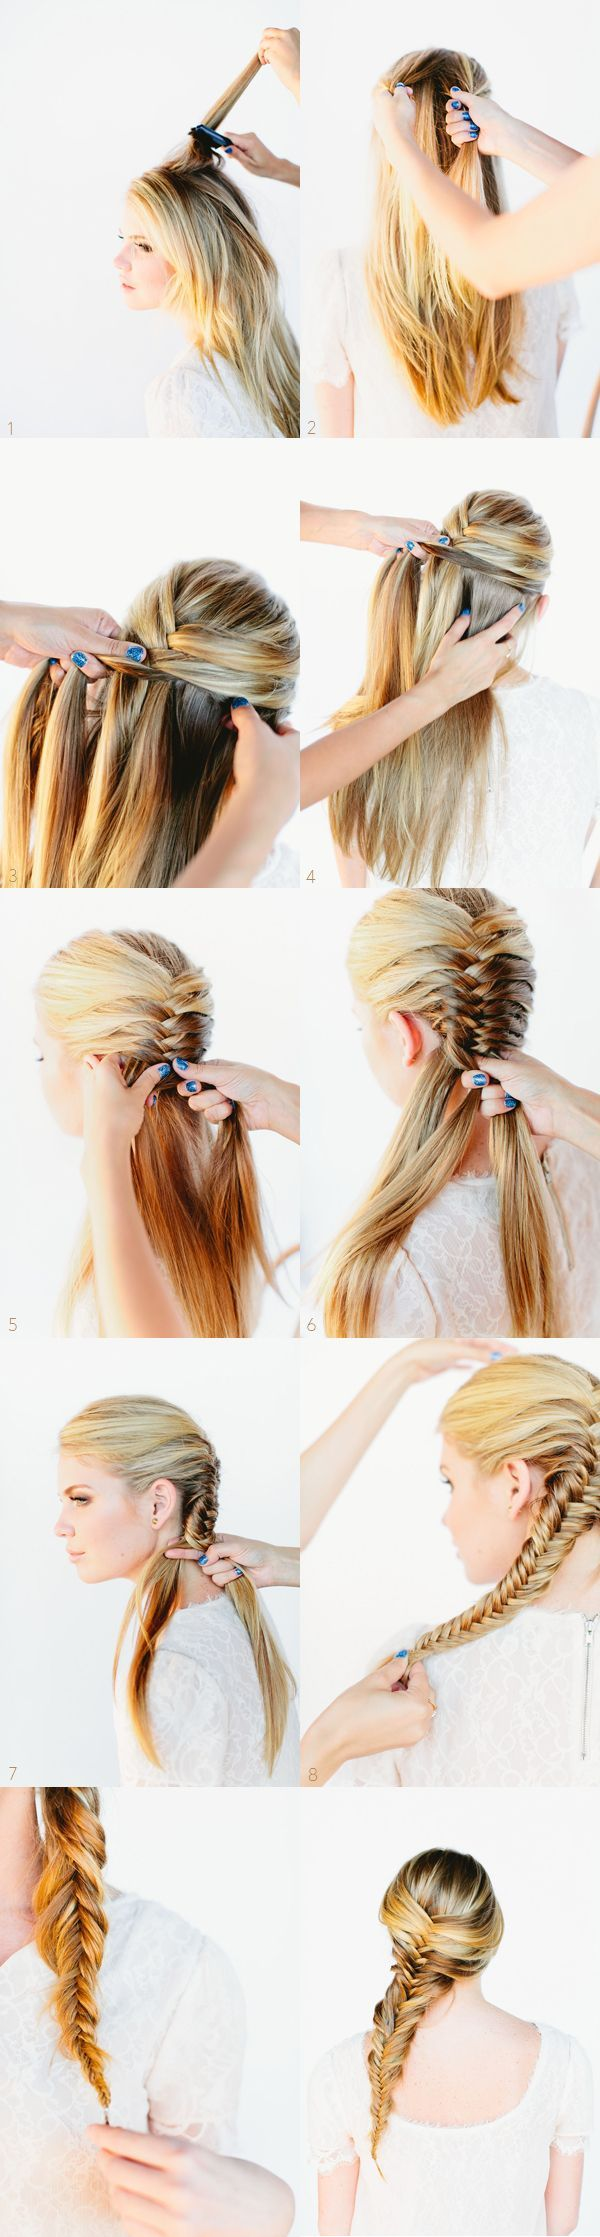 Как сделать бант из волос - пошаговая инструкция 47